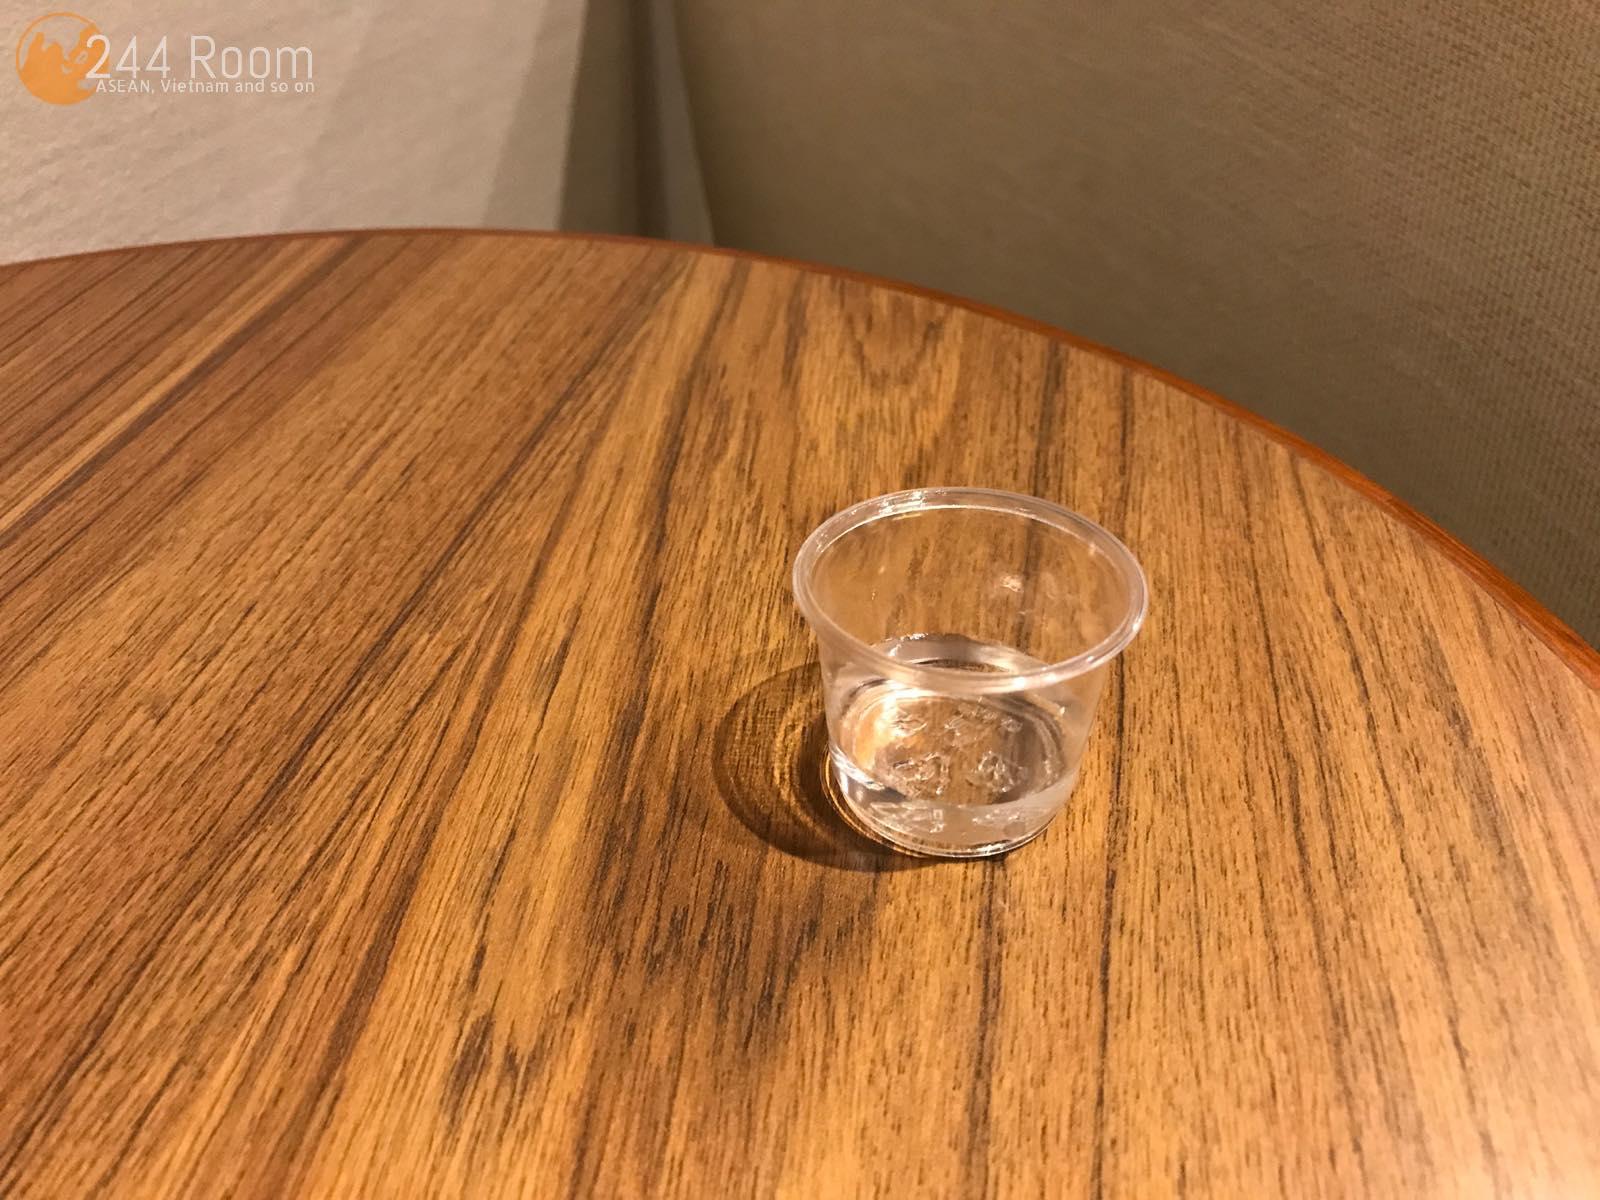 ビジネスラウンジもみじ Business lounge momiji4